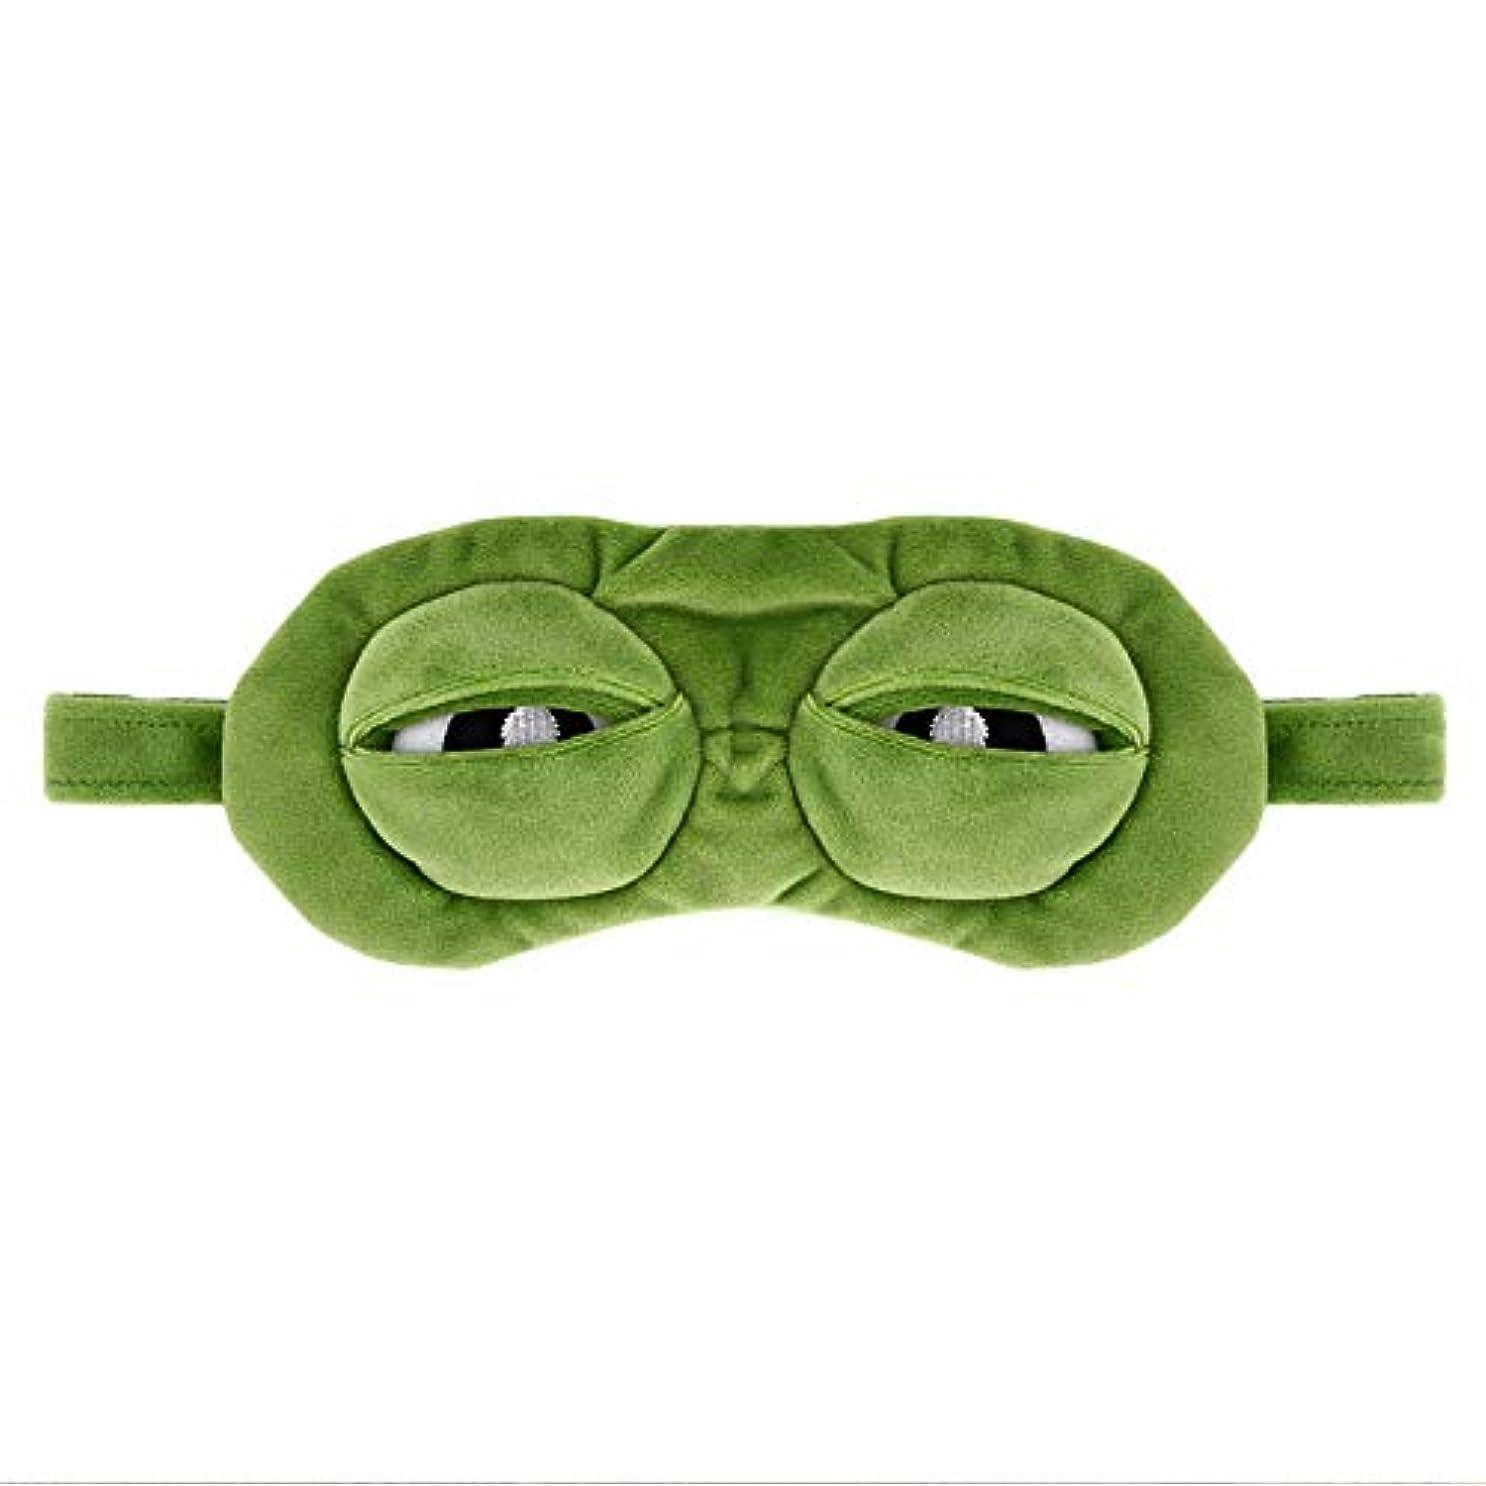 クラウン悪の昼間NOTE 悲しいカエル3dアイマスクユニセックスぬいぐるみオフィス昼寝アイシェード通気性アイカバー軽量睡眠マスクナチュラル睡眠補助面白いギフト0